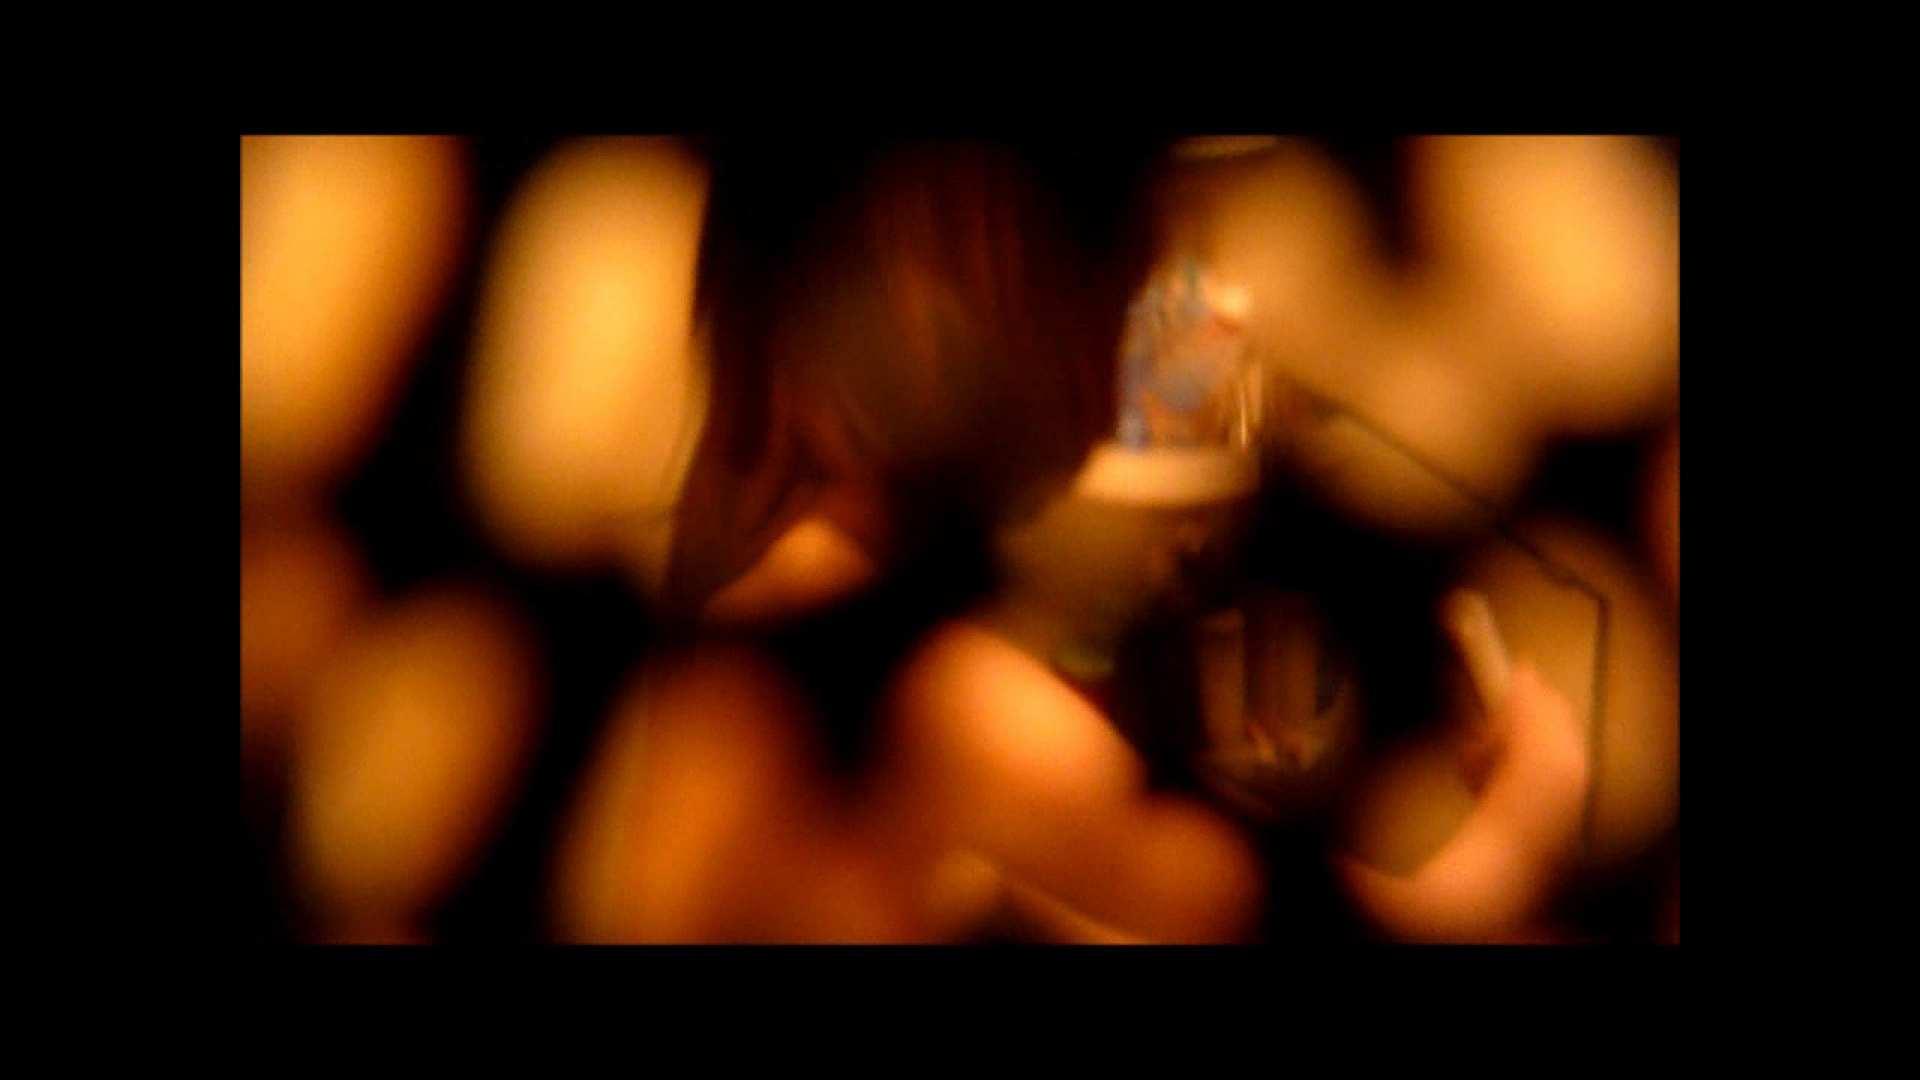 【02】ベランダに侵入して張り込みを始めて・・・やっと結果が出ました。 家宅侵入 | 0  82画像 2